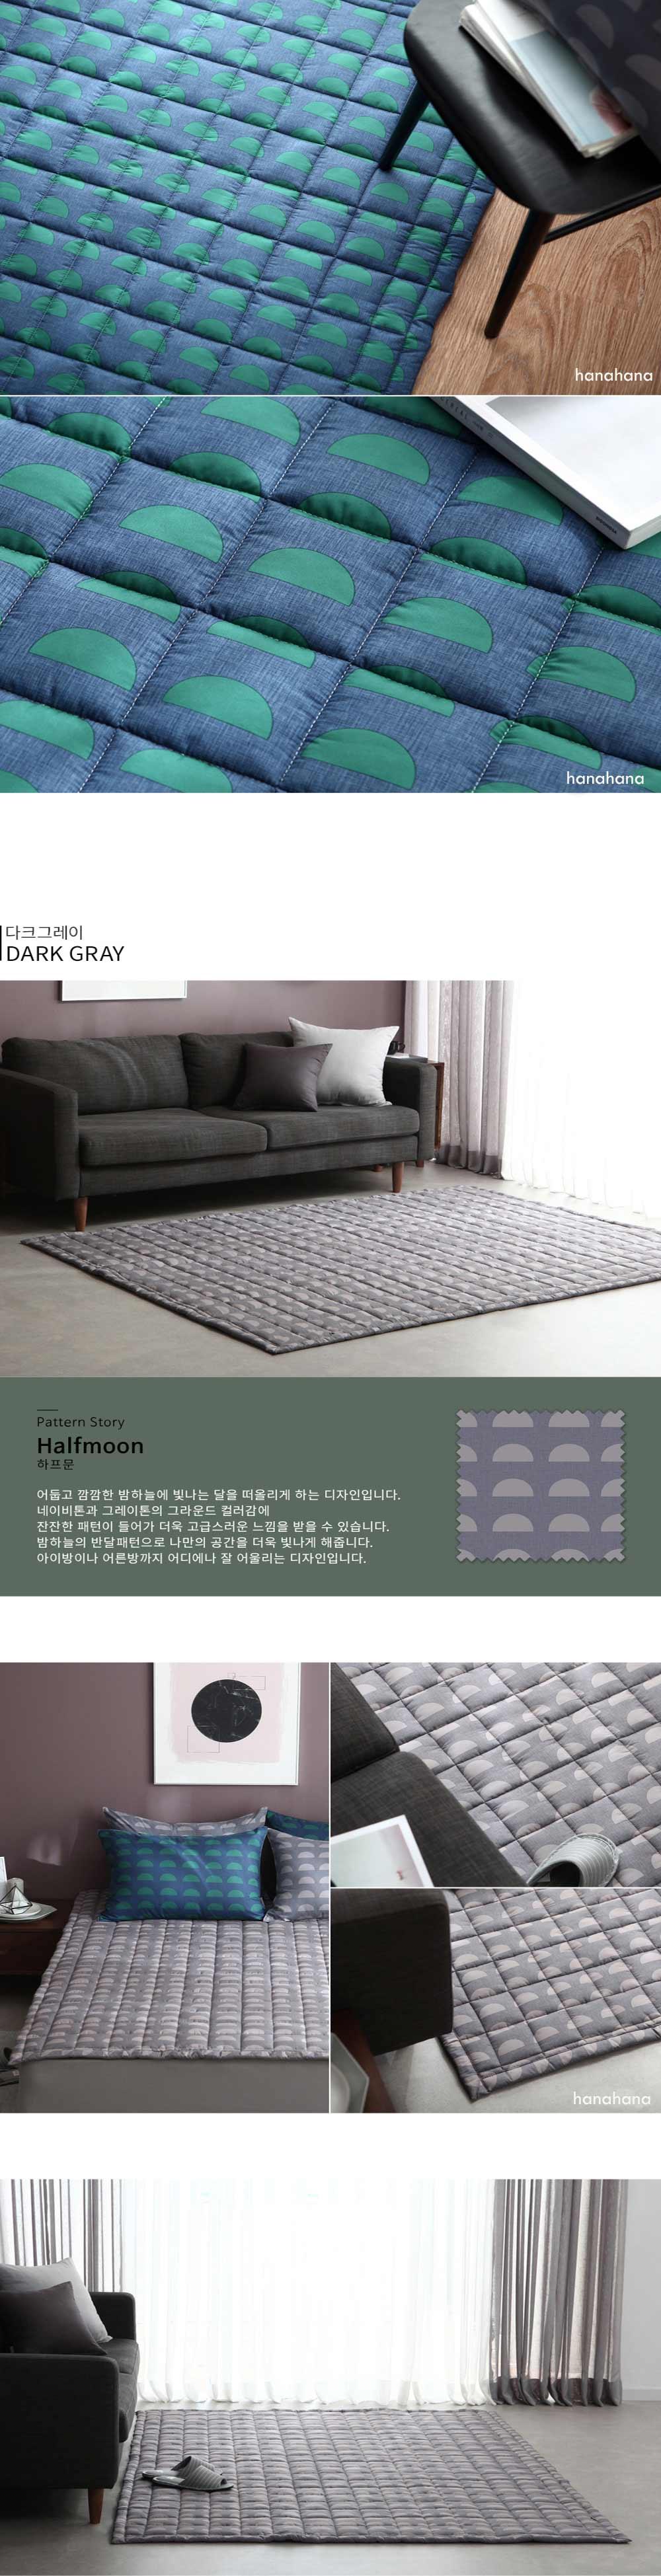 Miếng lót sàn đẹp Hàn Quốc